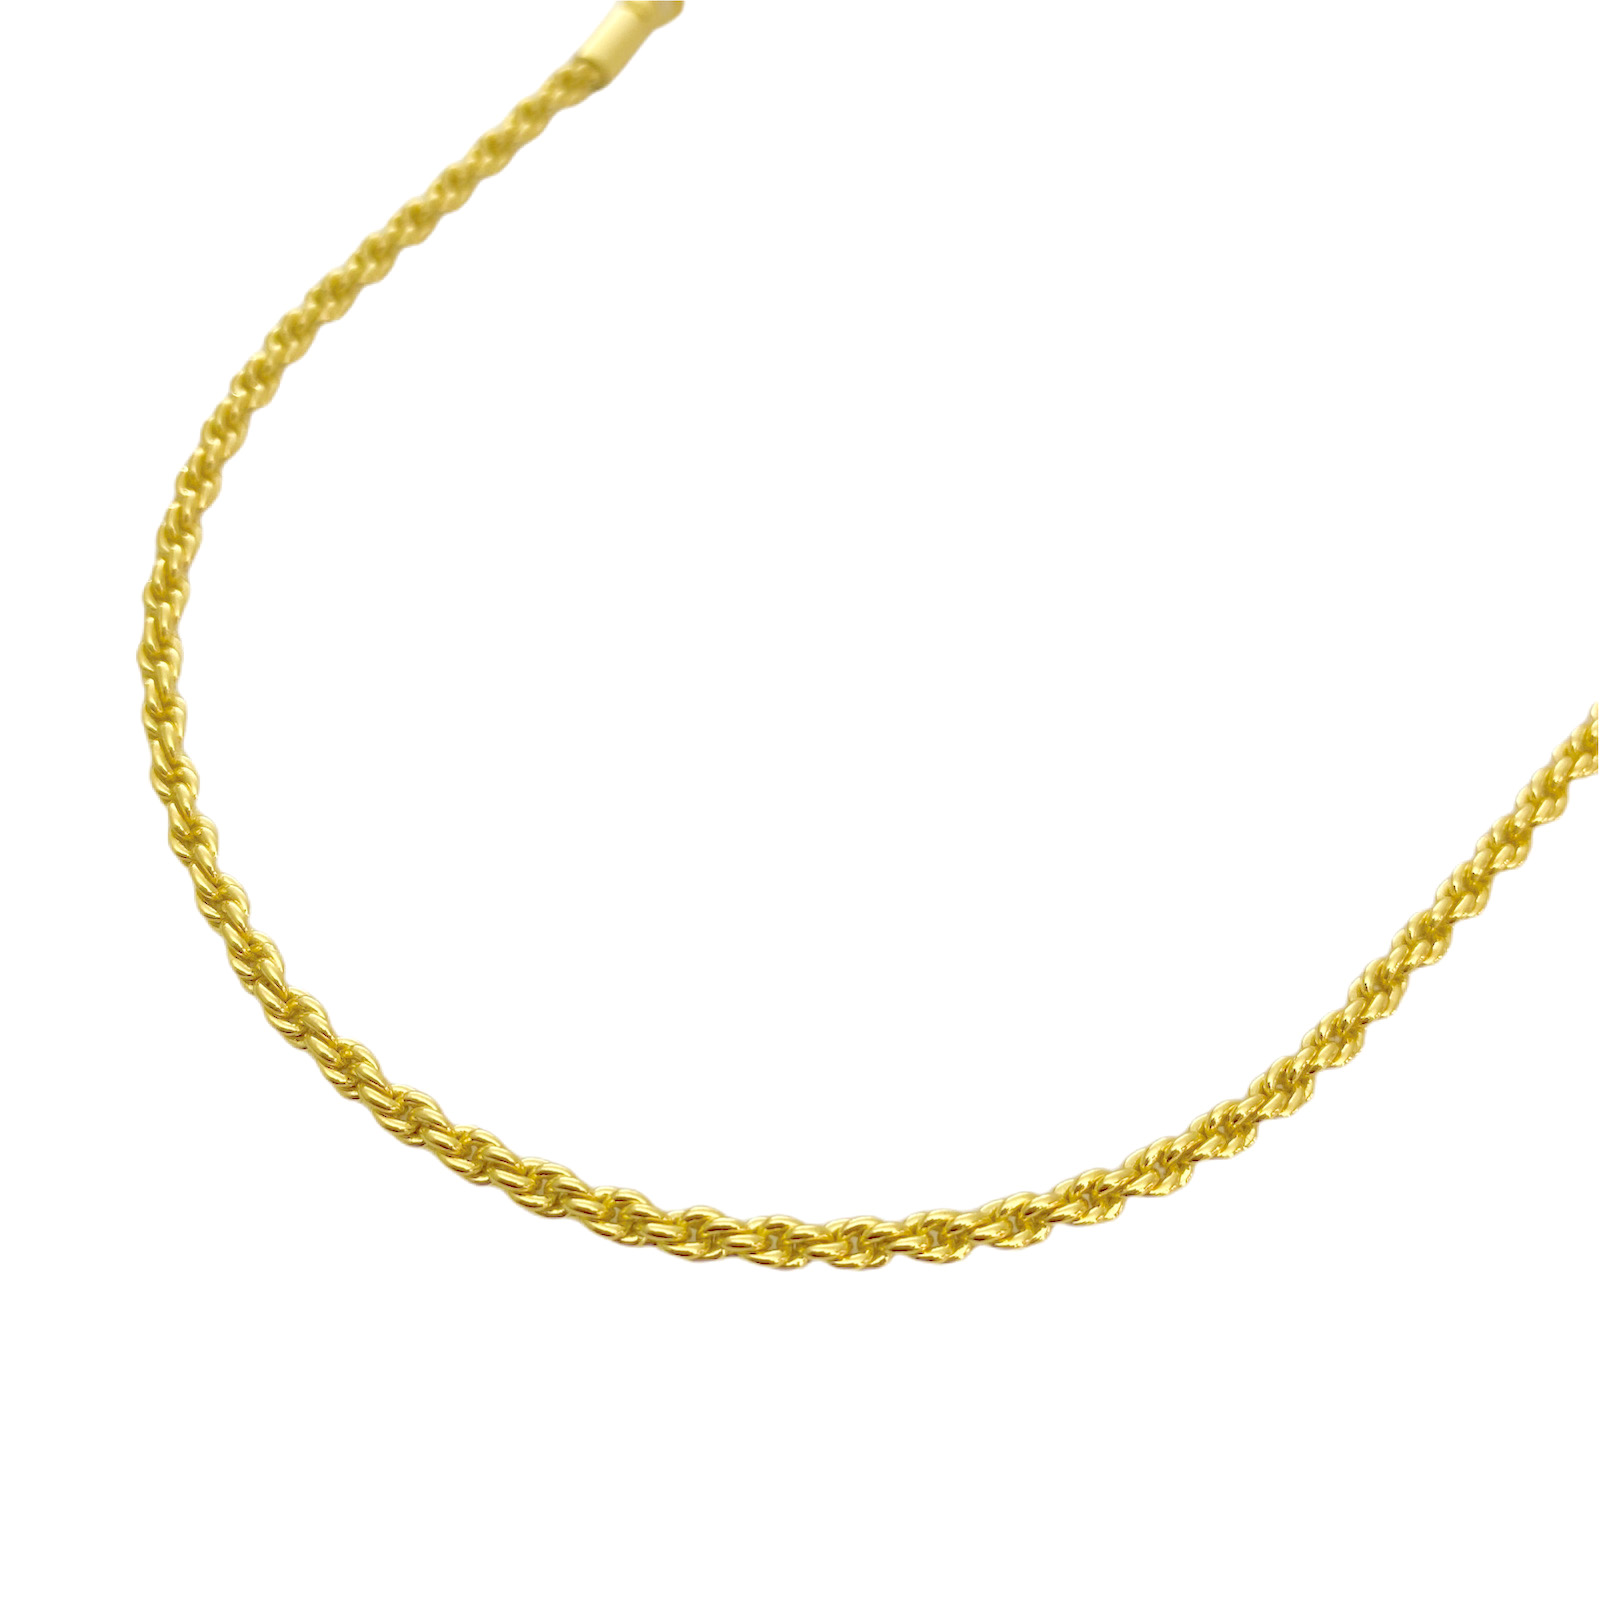 Corrente Cordão Baiano 2,5mm 60cm 15g (Fecho Canhão) (Banho Ouro 24k)